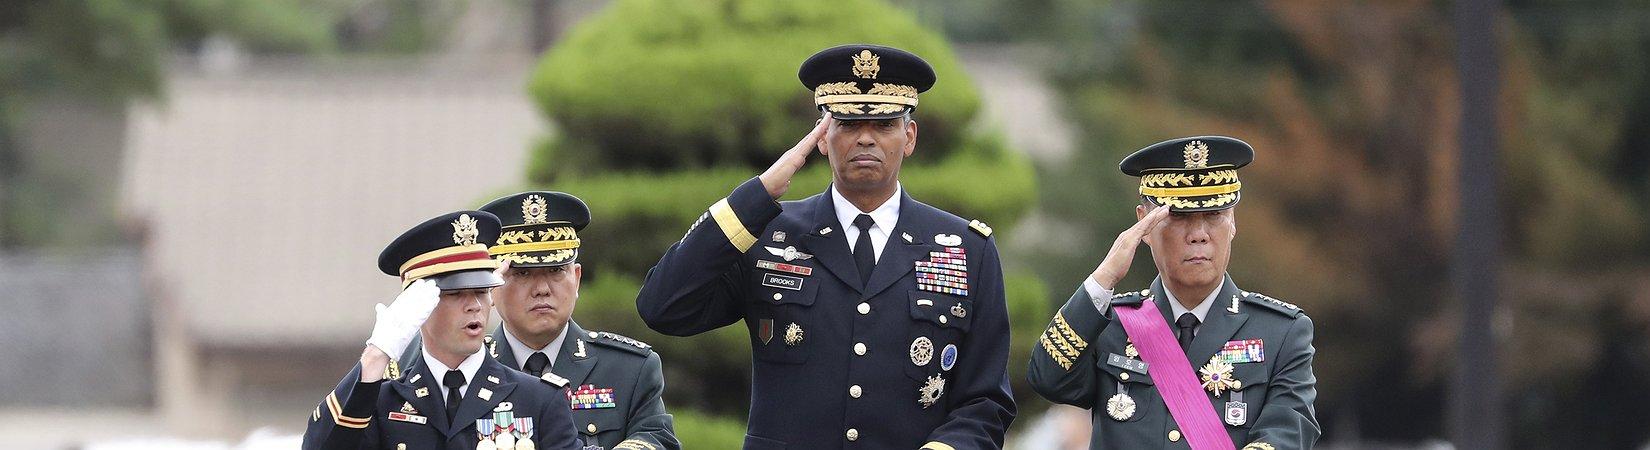 Estados Unidos e Coreia do Sul iniciam exercício militar conjunto